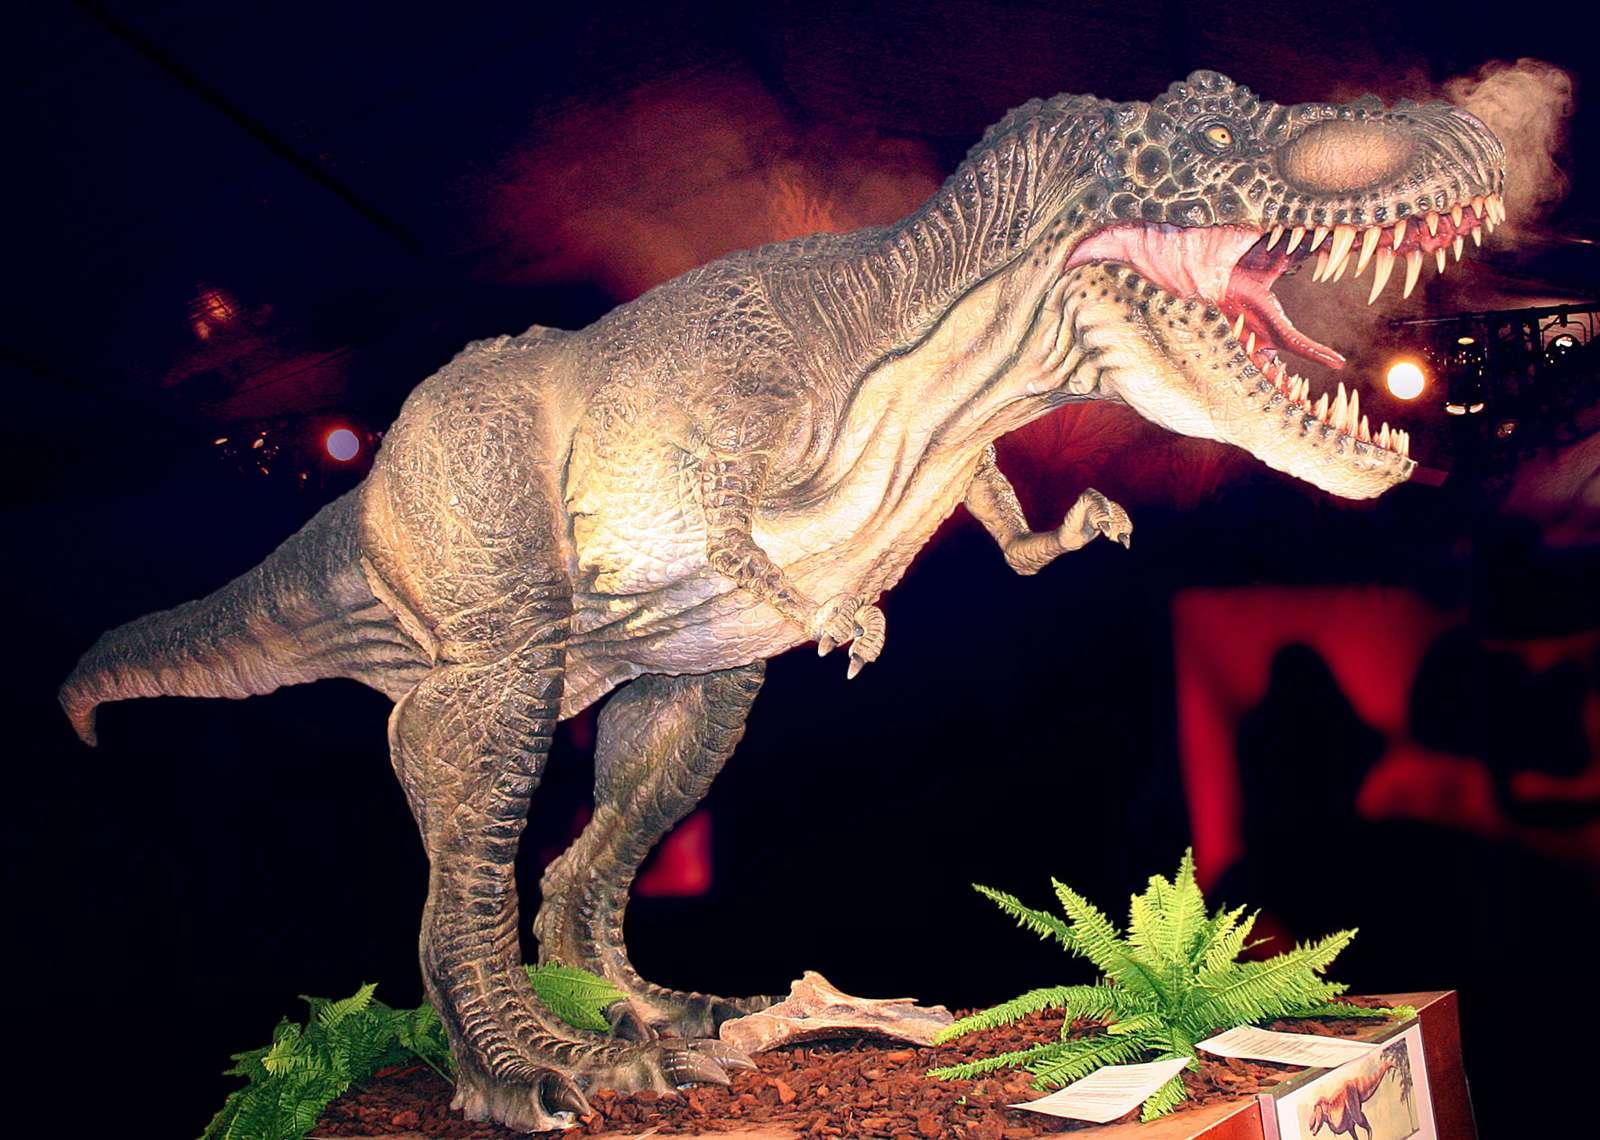 exposición de dinosaurios2-donostia-san sebastian